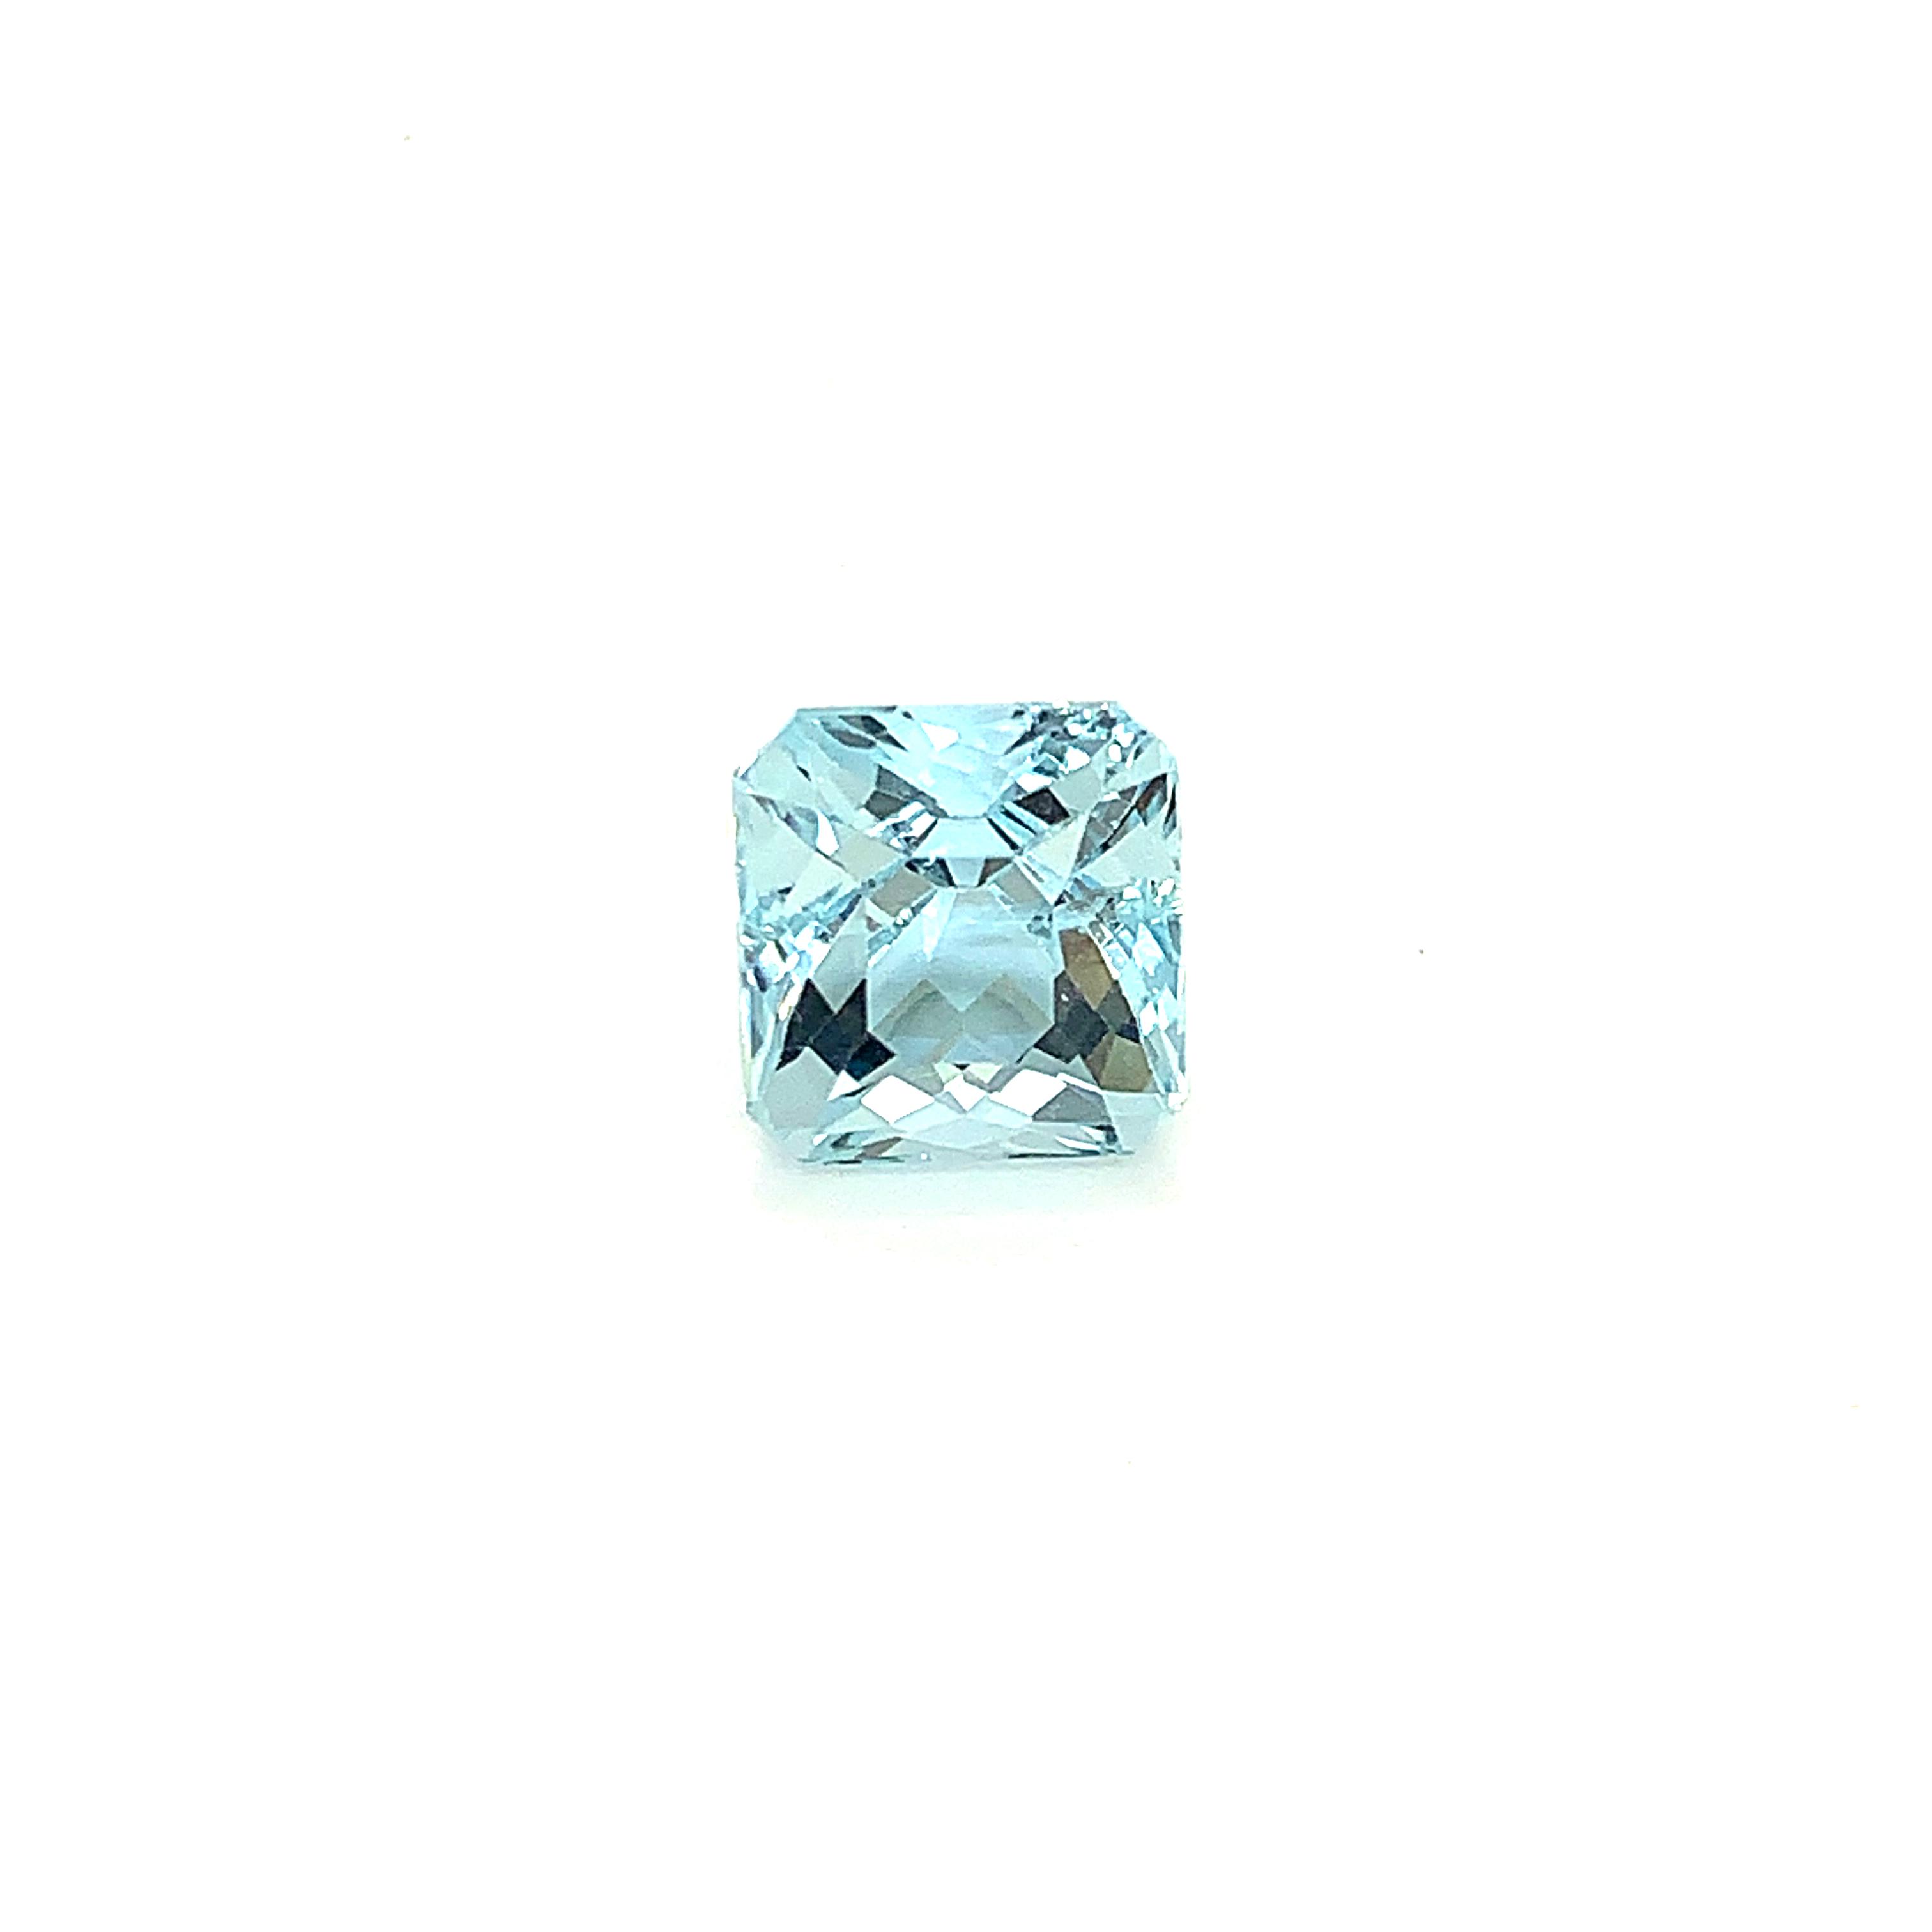 Cushion Cut Engagement Ring Arcadia Aquamarine Rose Gold   _image4